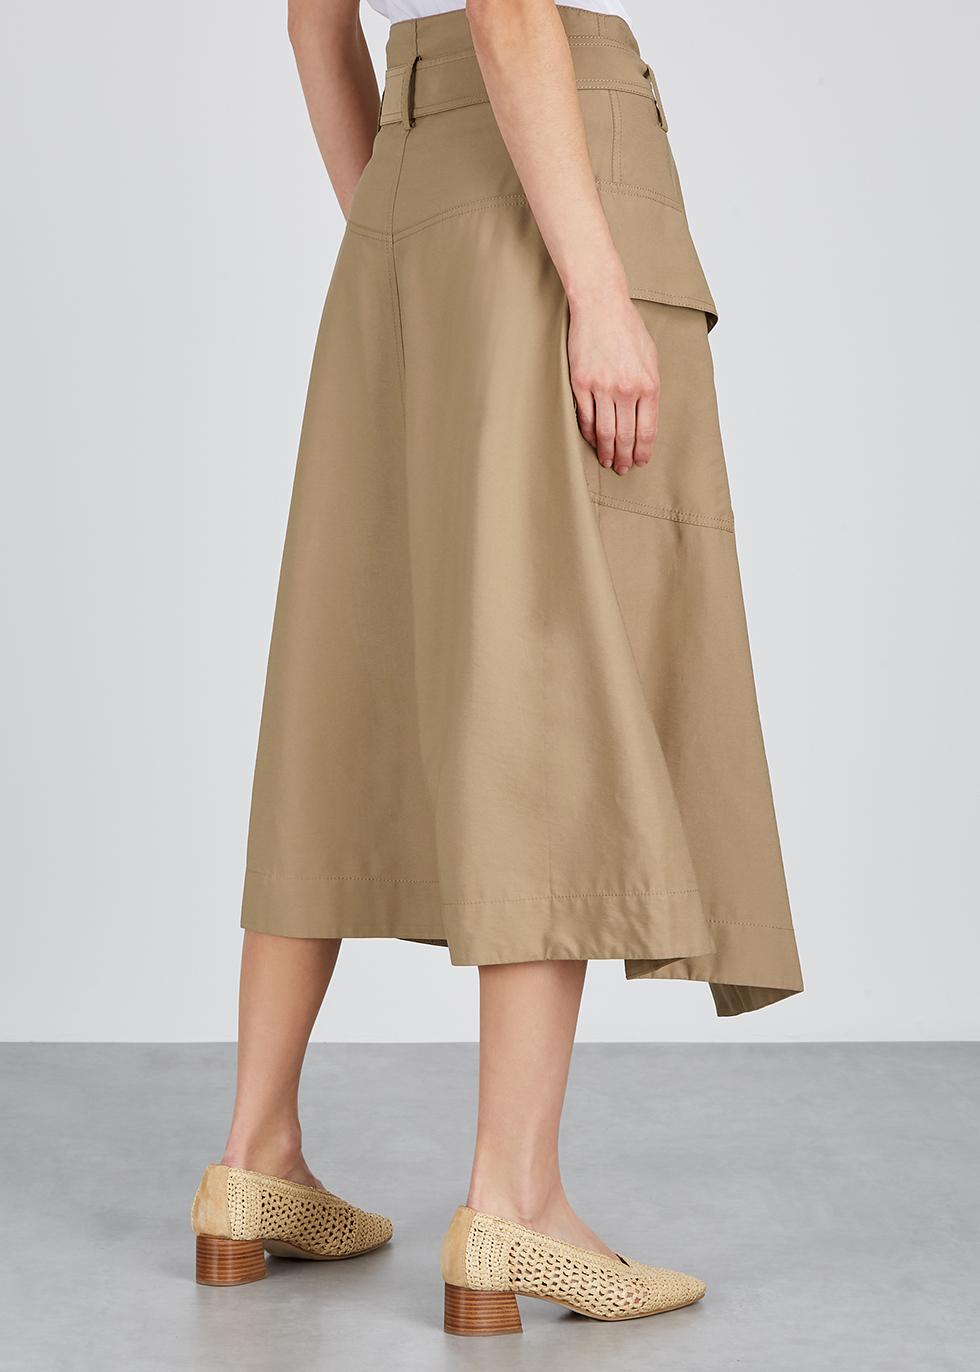 Light brown belted wrap skirt - Vince